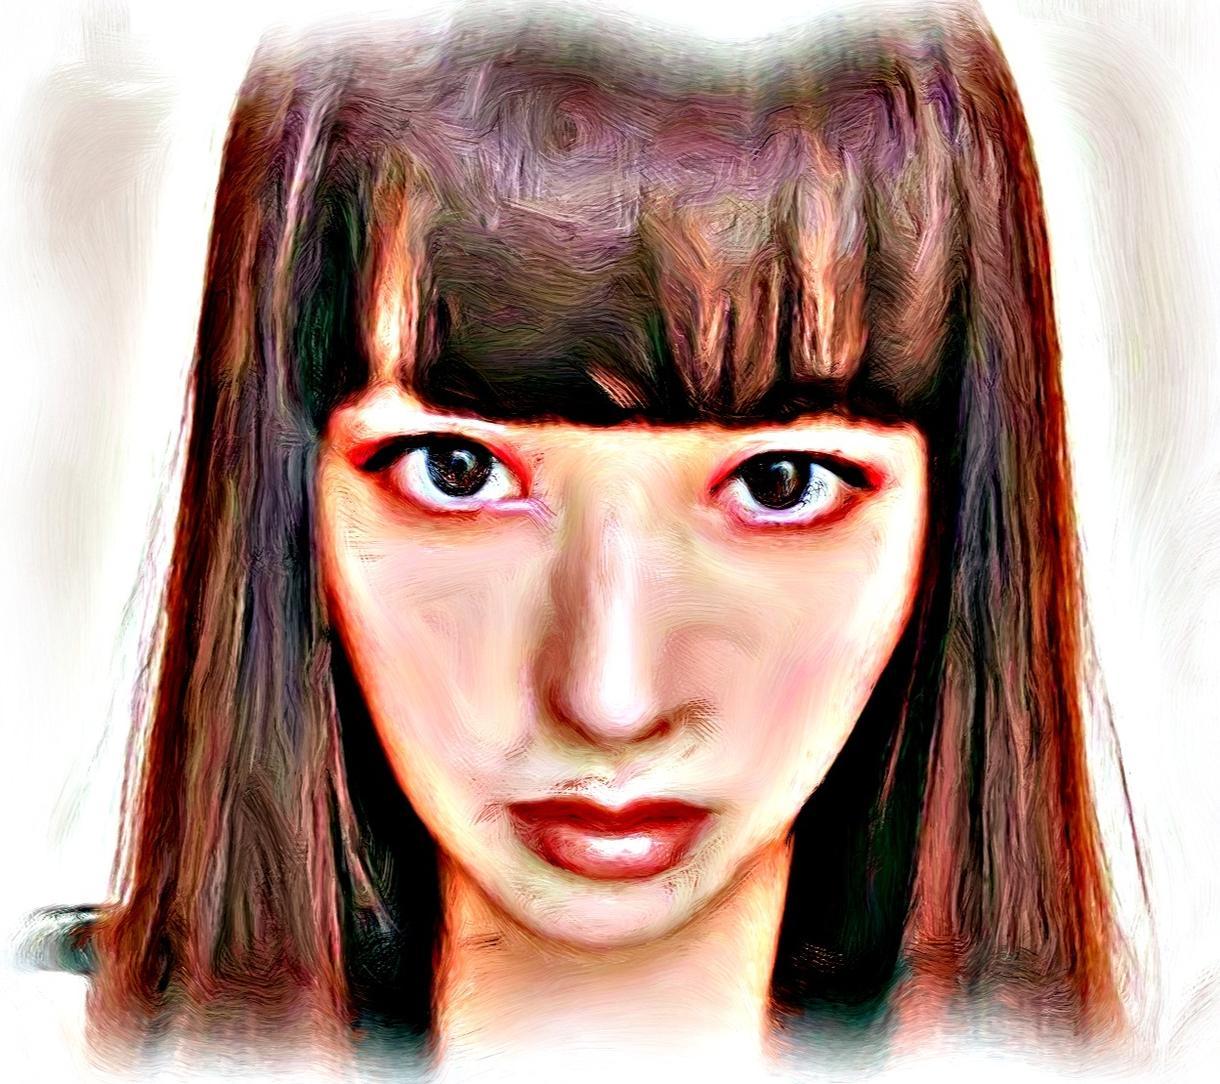 写真のトレースで似顔絵を描きます 写真のトレースで短時間で似顔絵を描きます